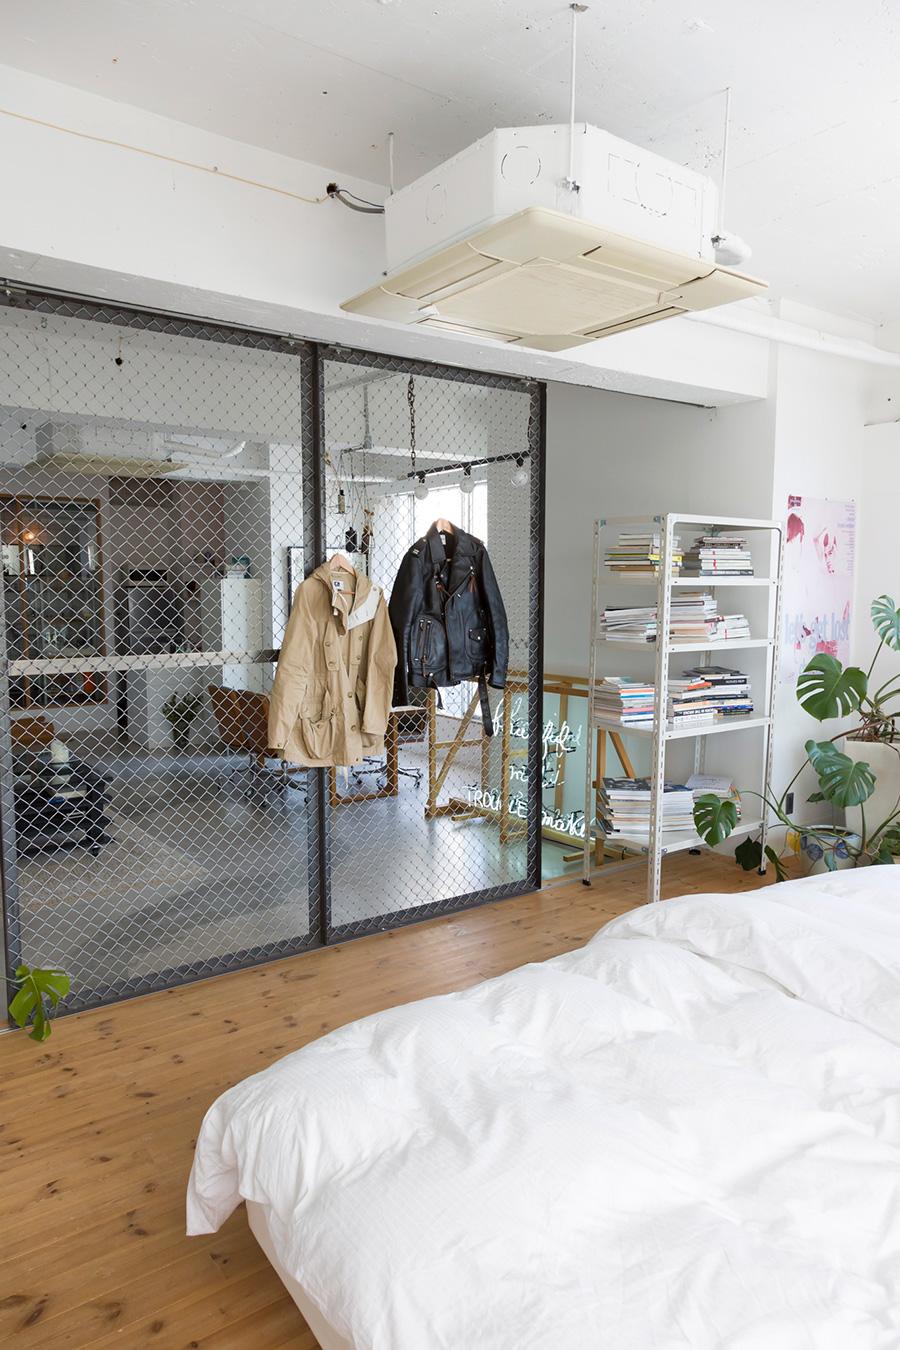 「金網に着てた服を引っ掛けておけば適度に目隠しされるので、ベッドルームに個室感が生まれます」